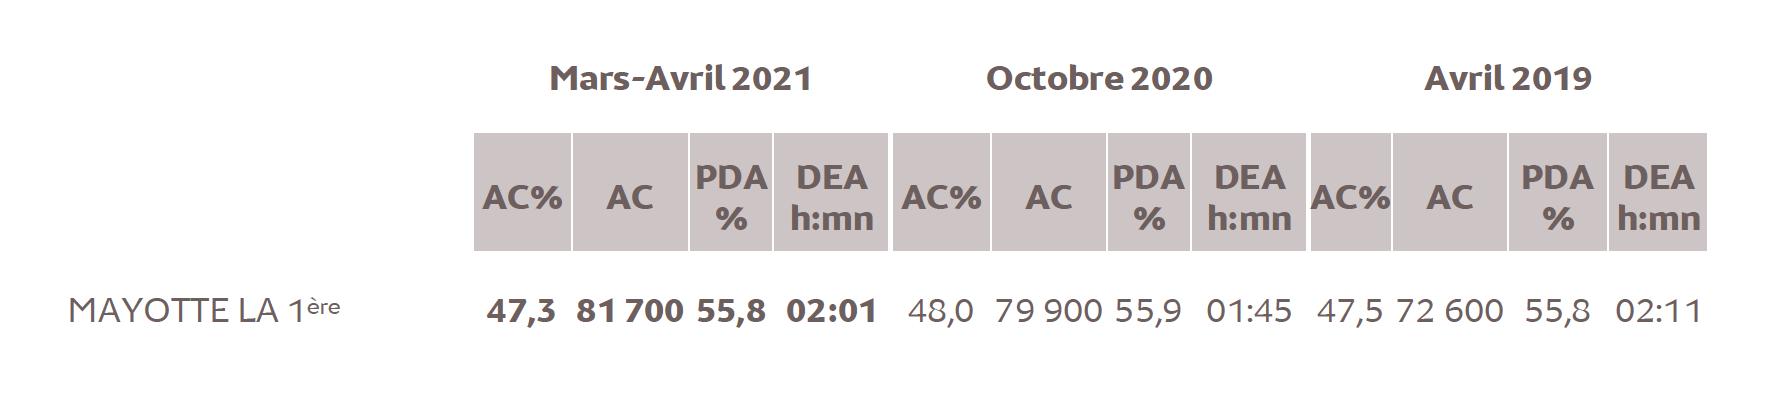 Source : Médiamétrie -Etude ad hoc Mayotte –Mars-Avril 2021 -Copyright Médiamétrie -Tous droits réservés